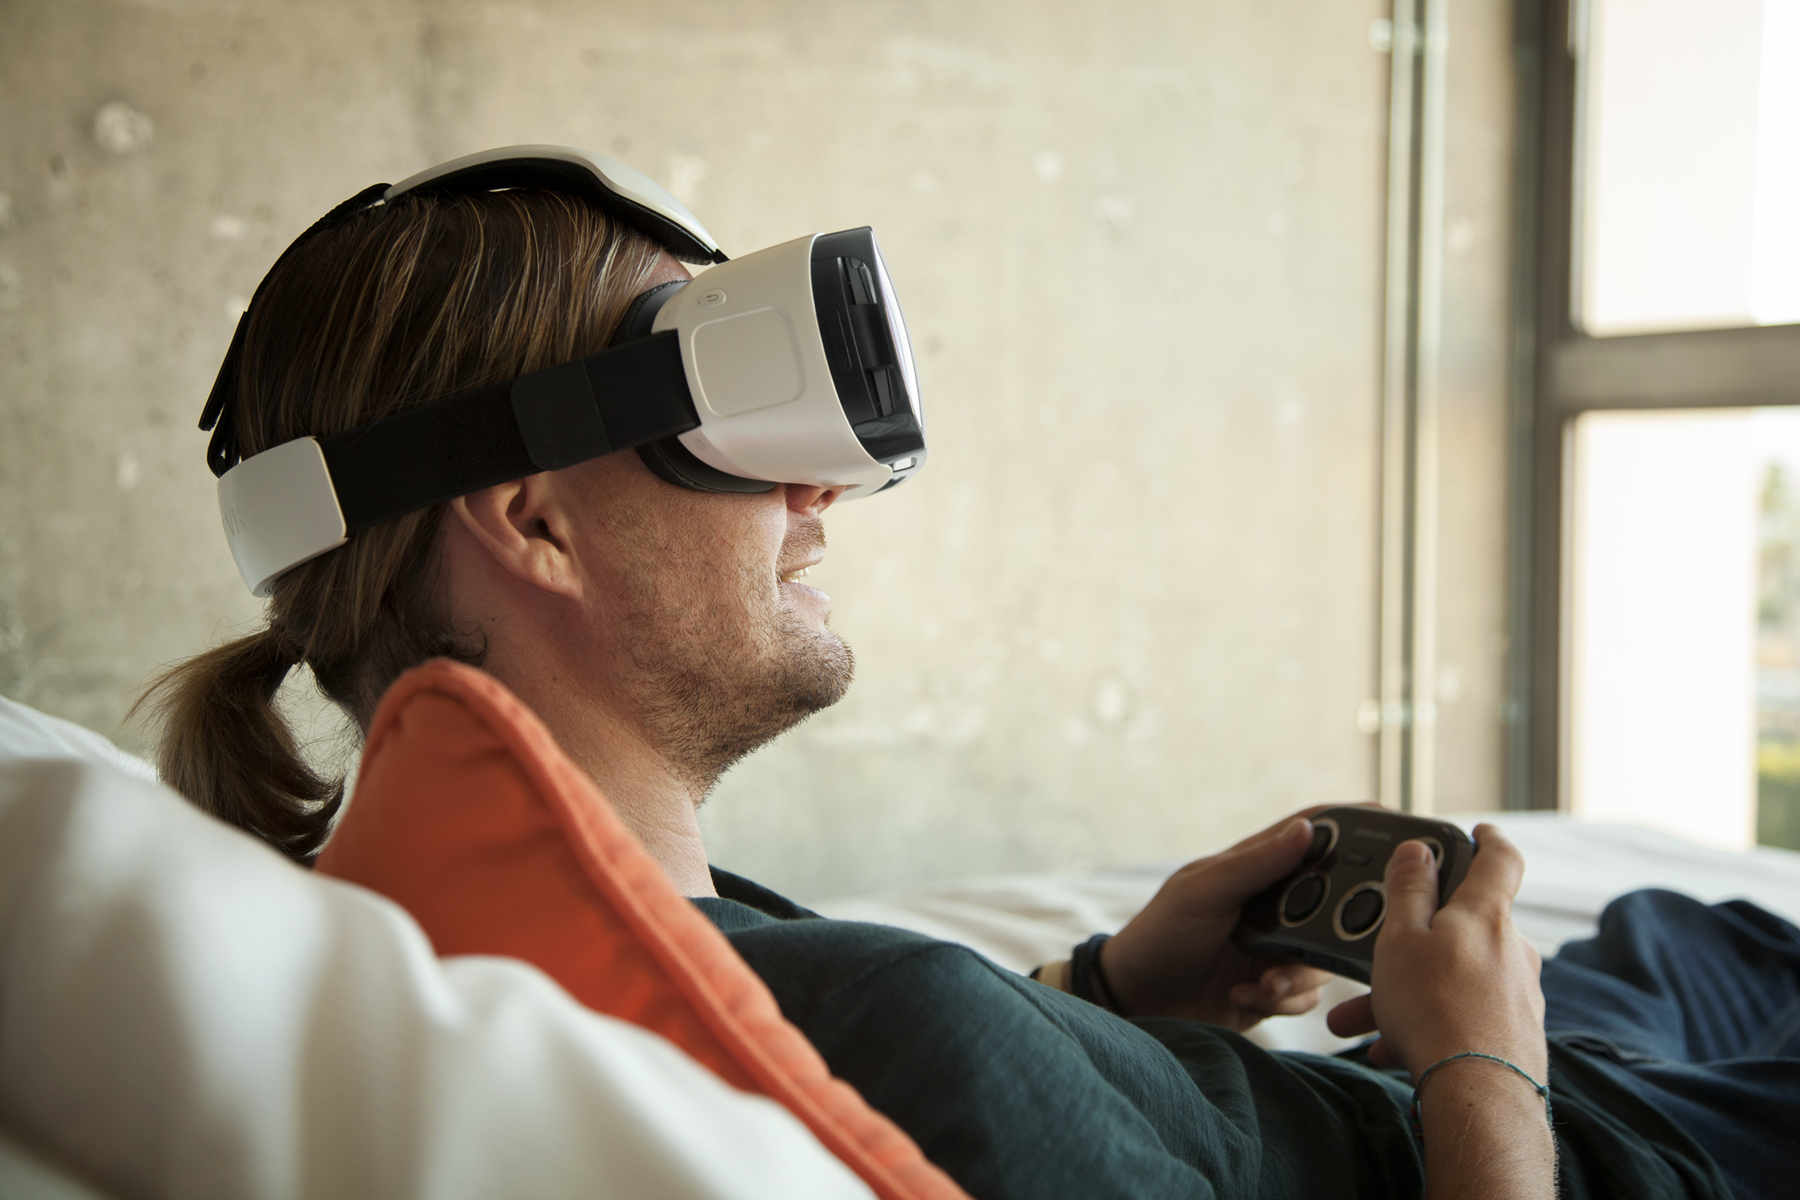 Wirtualna Rzeczywistość w obecnej postaci nigdy się nie przyjmie. I dobrze